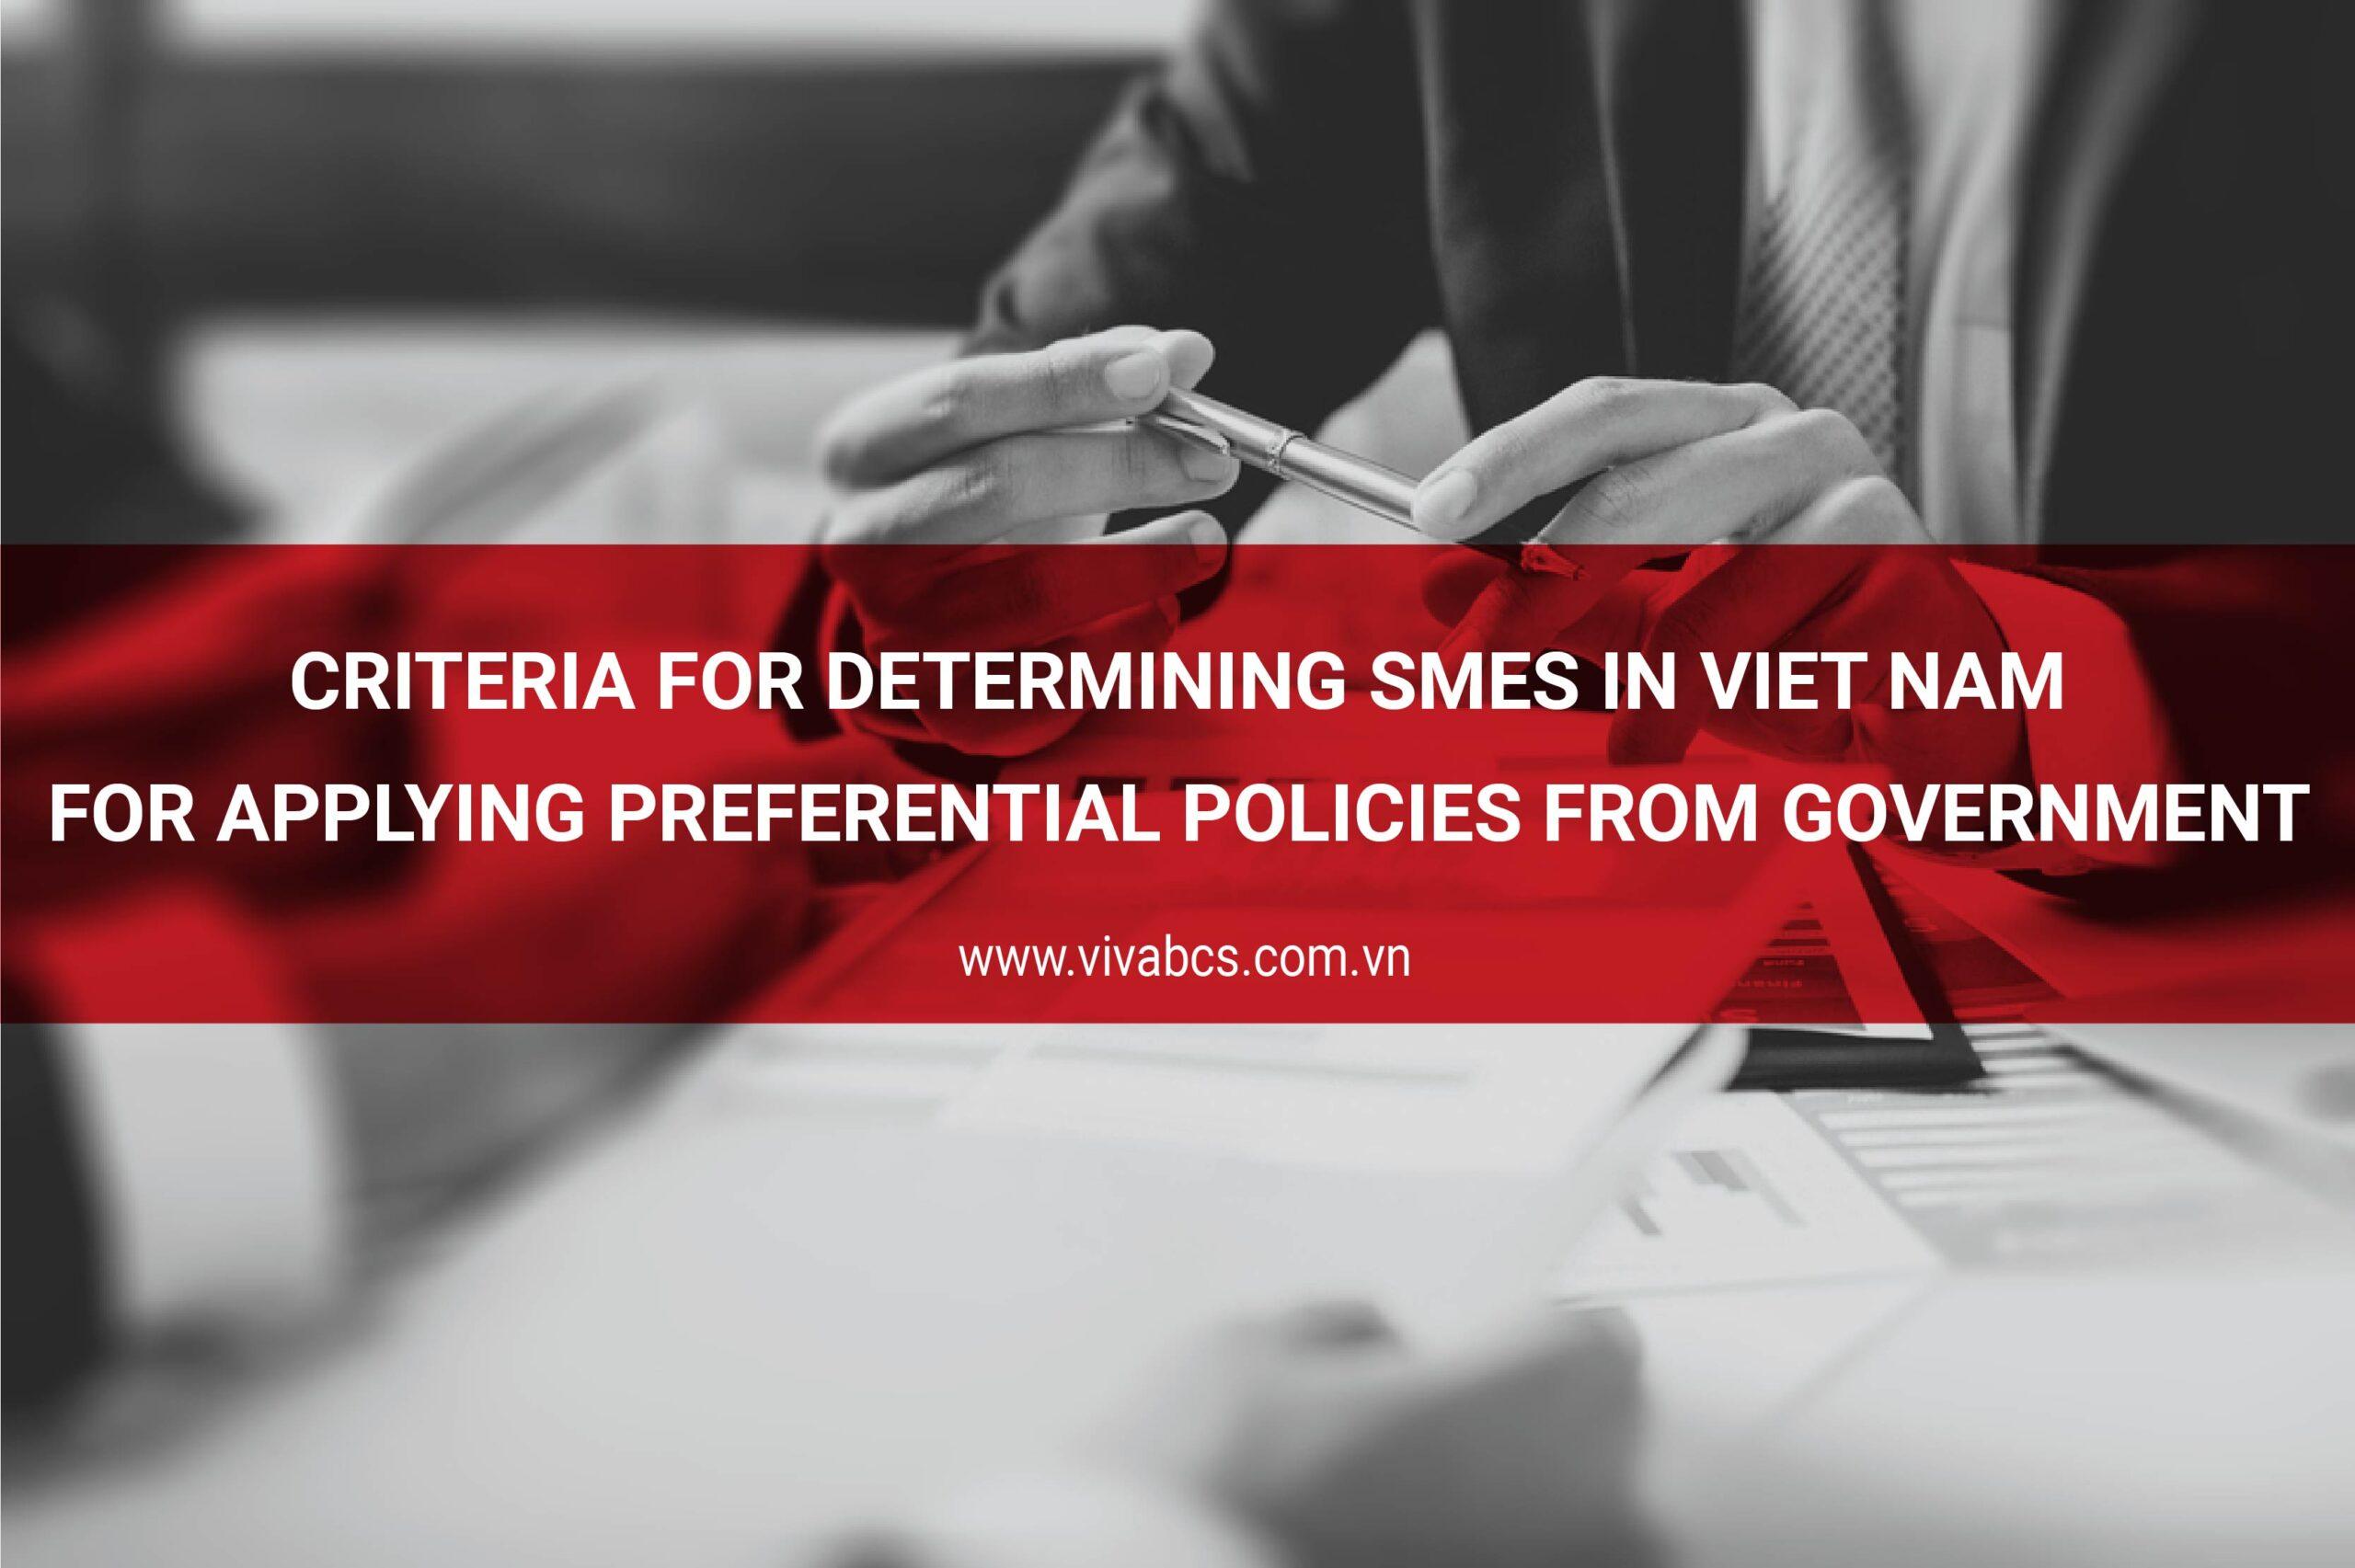 criteria for determining small and medium-sized enterprises